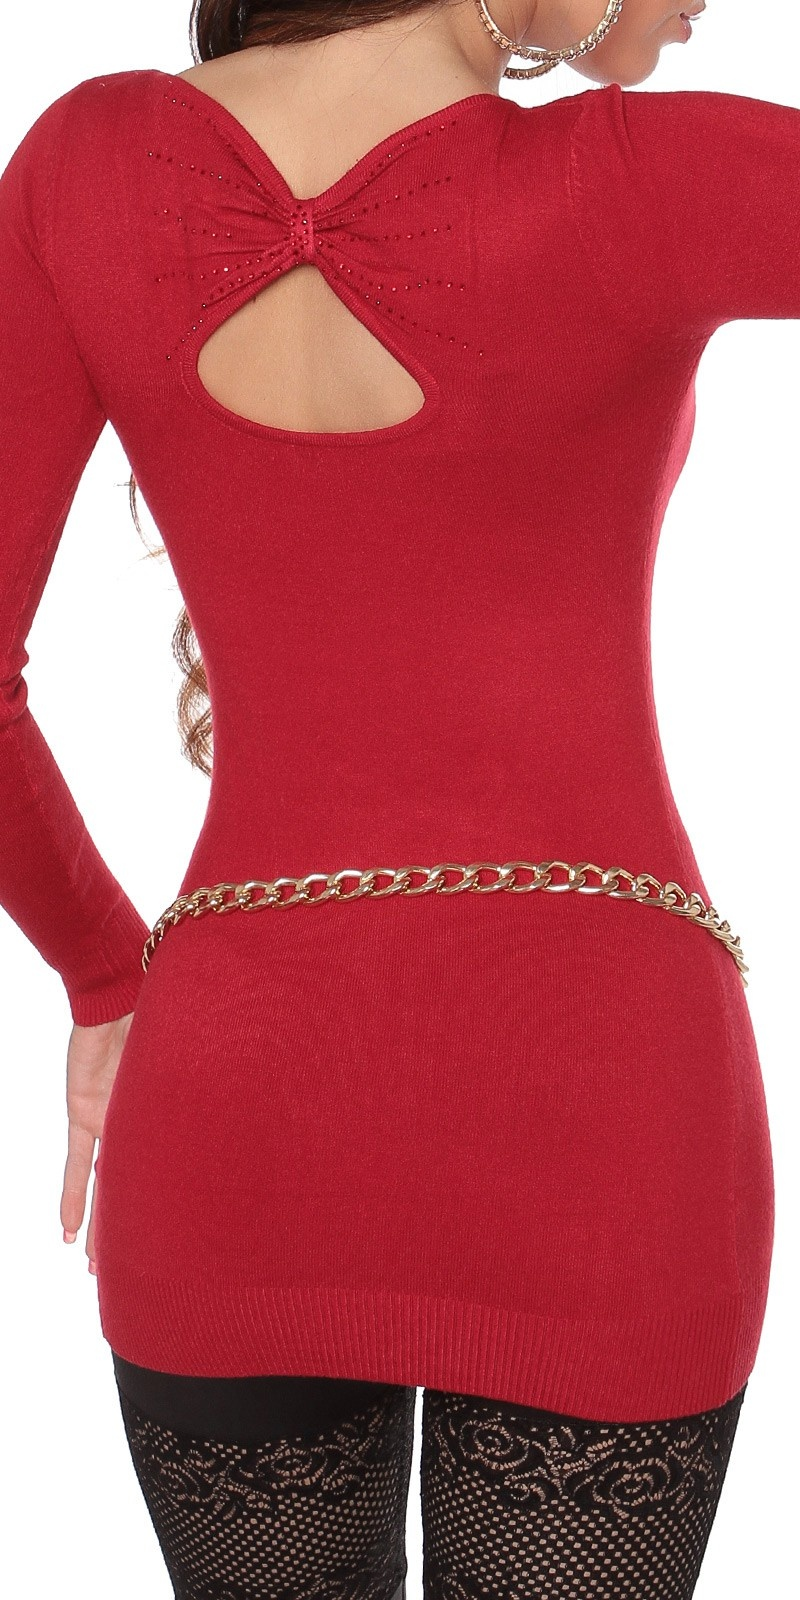 Sexy lange sweater-trui met opening op de rug rood